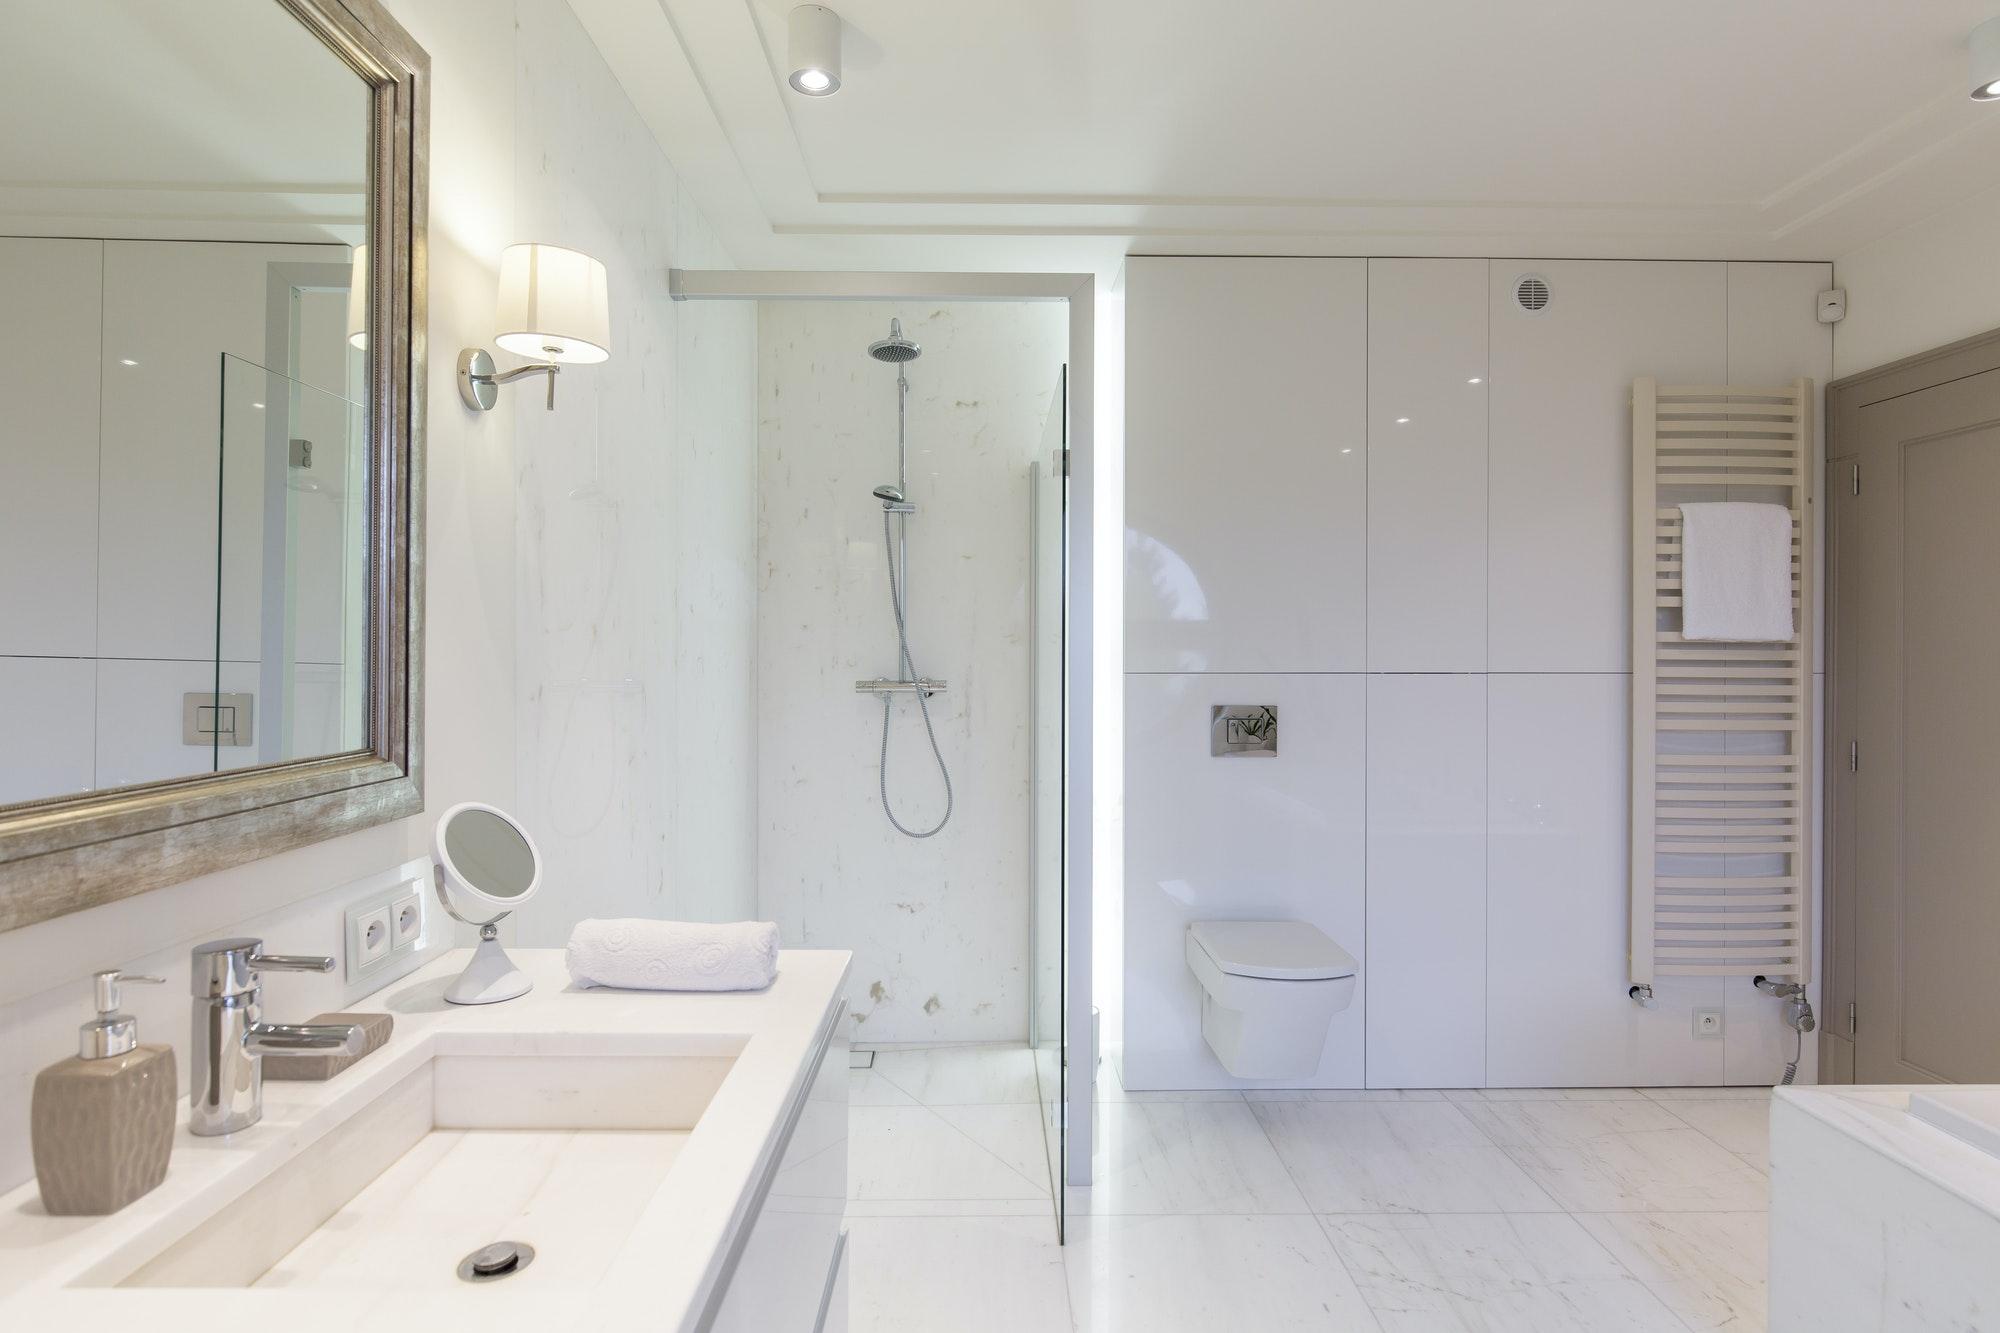 Reforma Integral Baño Baño moderno con cabina de ducha y mampara